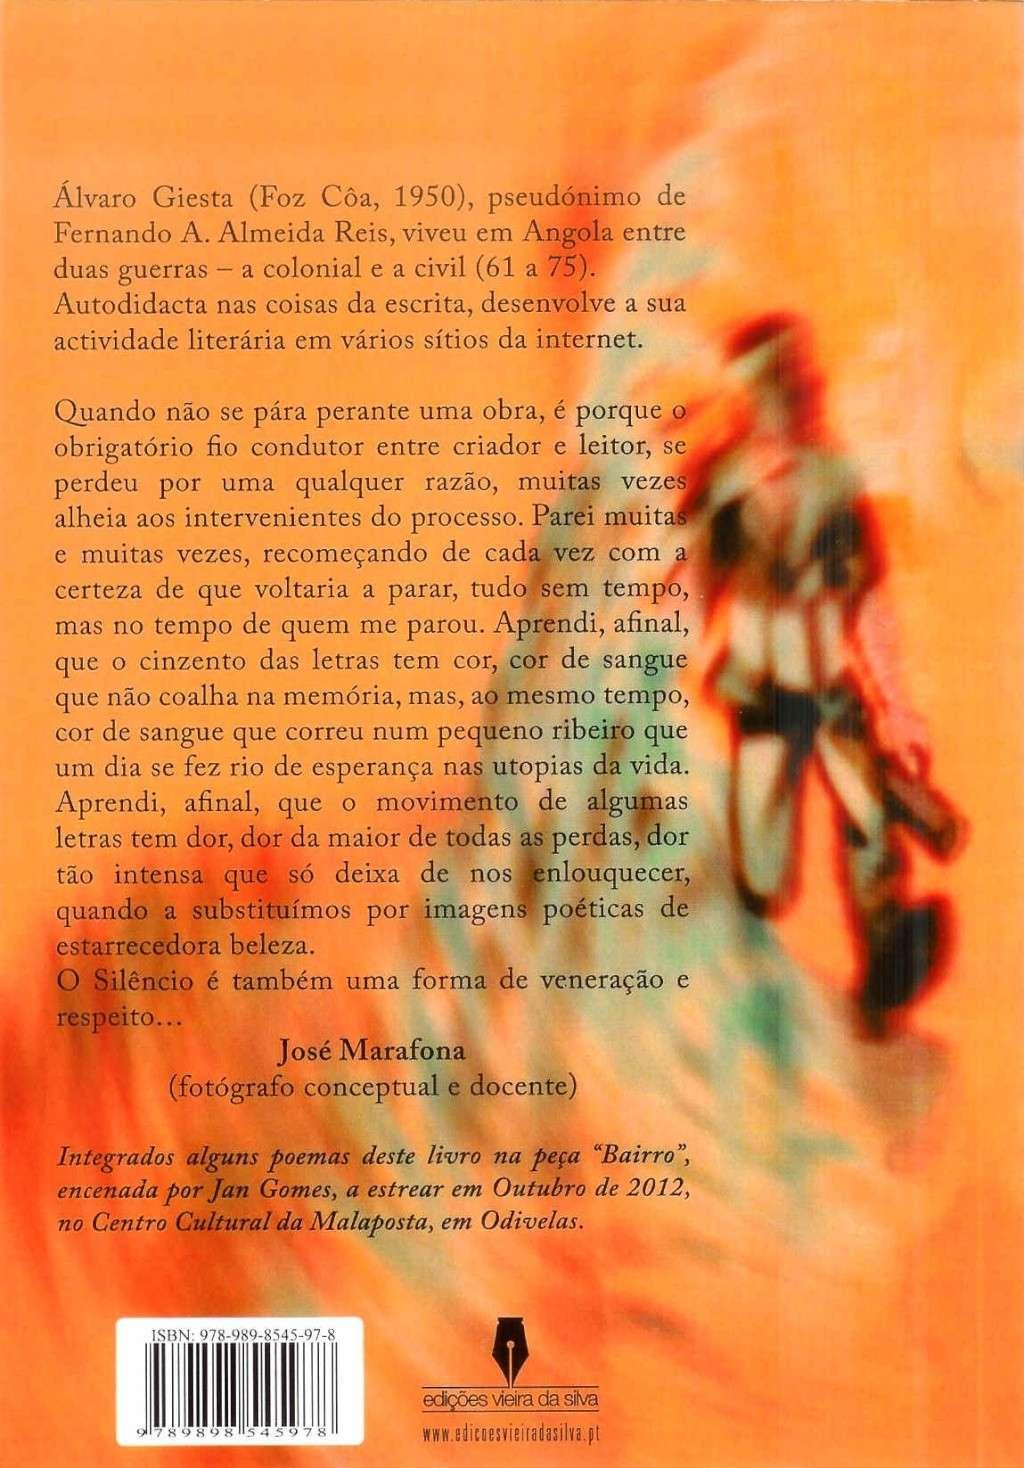 Lançamento do livro «Há o silêncio em volta» autor: Álvaro Giesta, no Clube Social de Rio Mau Alvaro11